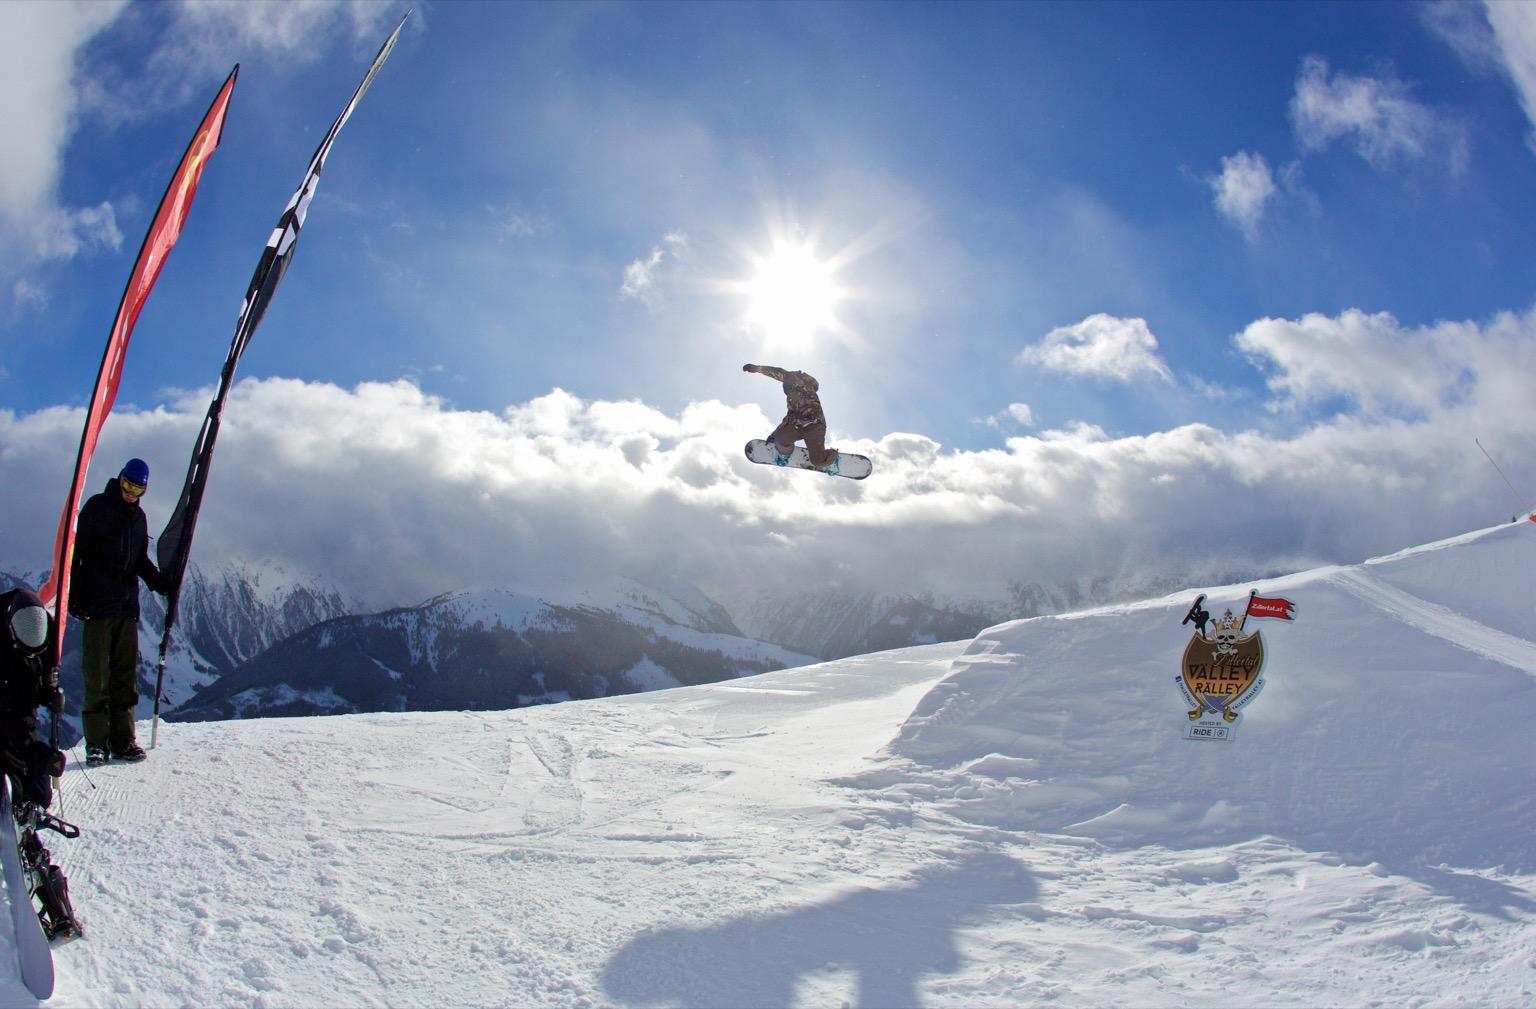 v lley r lley vom 20 bis im penken park mayrhofen seite 2 von 2 prime snowboarding. Black Bedroom Furniture Sets. Home Design Ideas